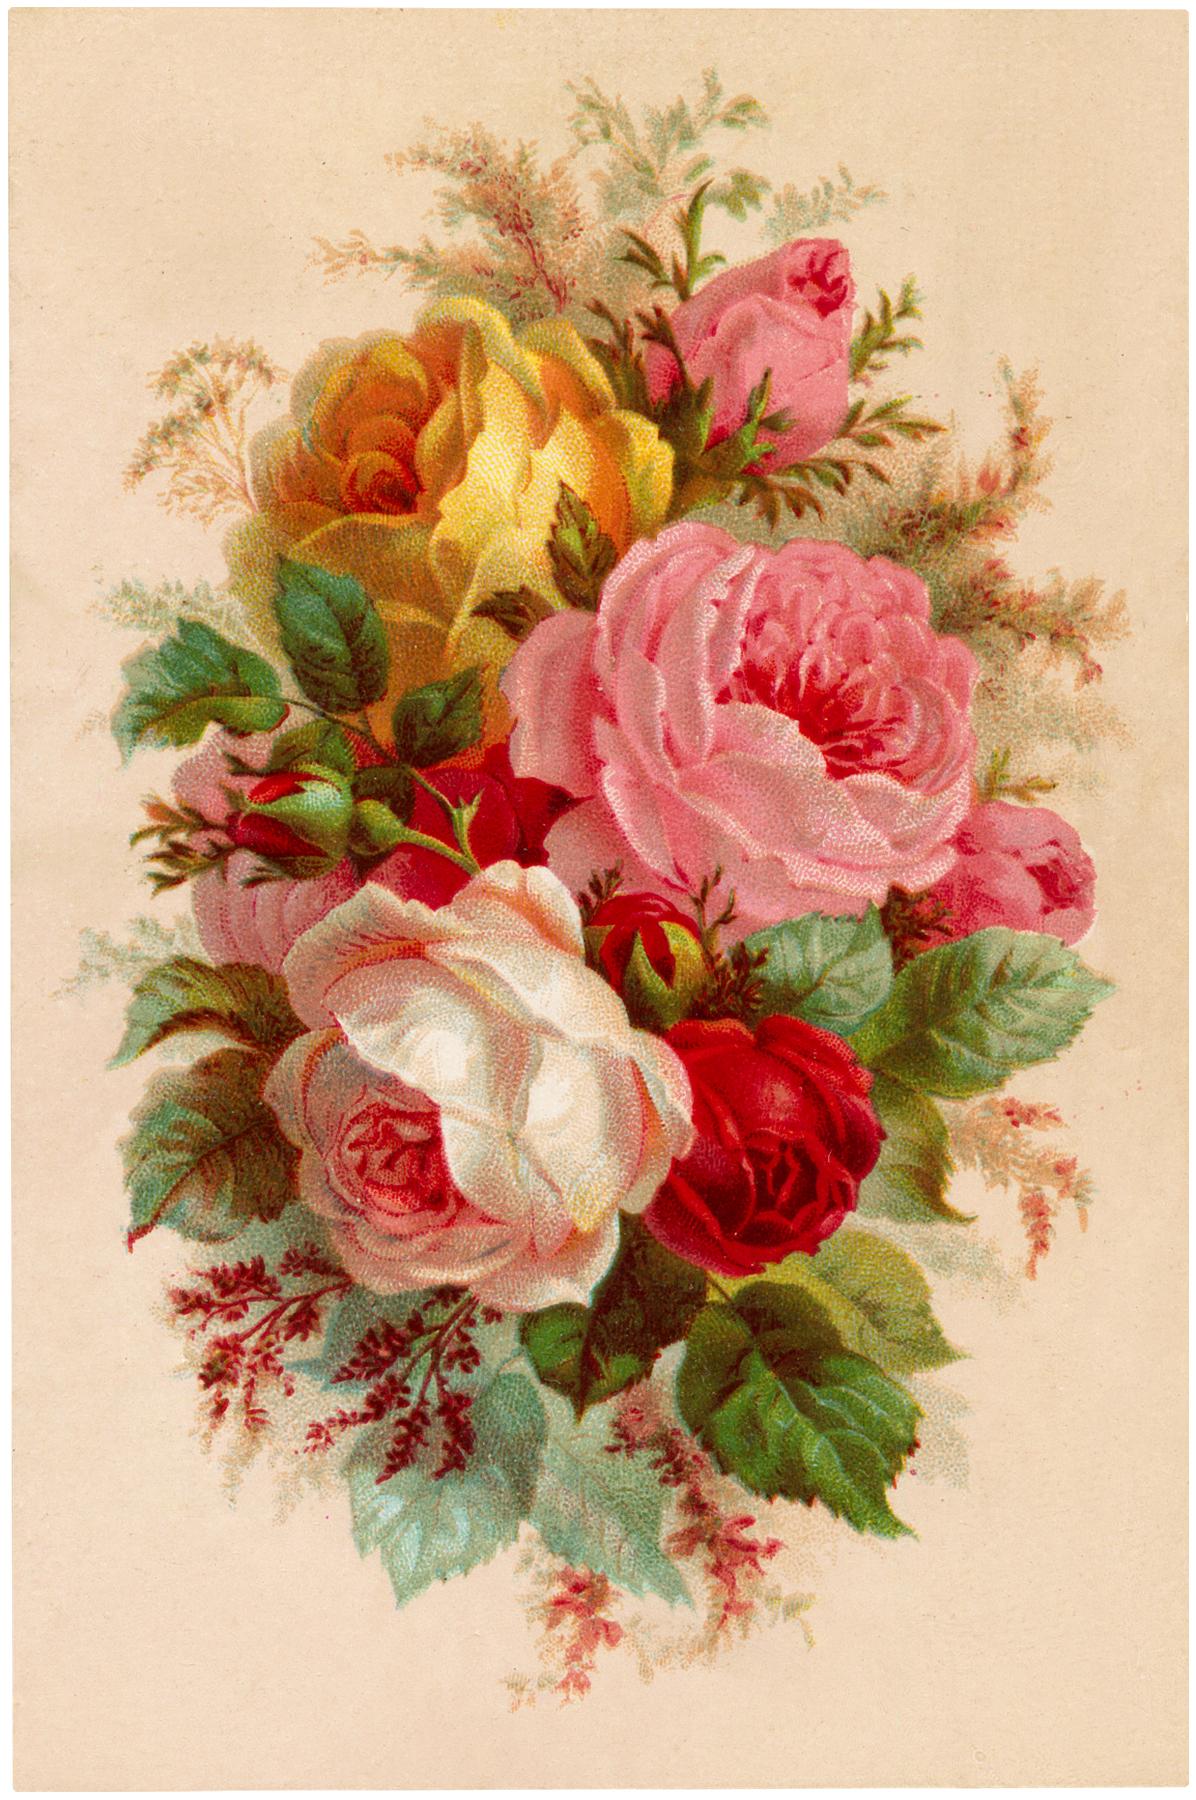 Vintage Roses Bouquet Image